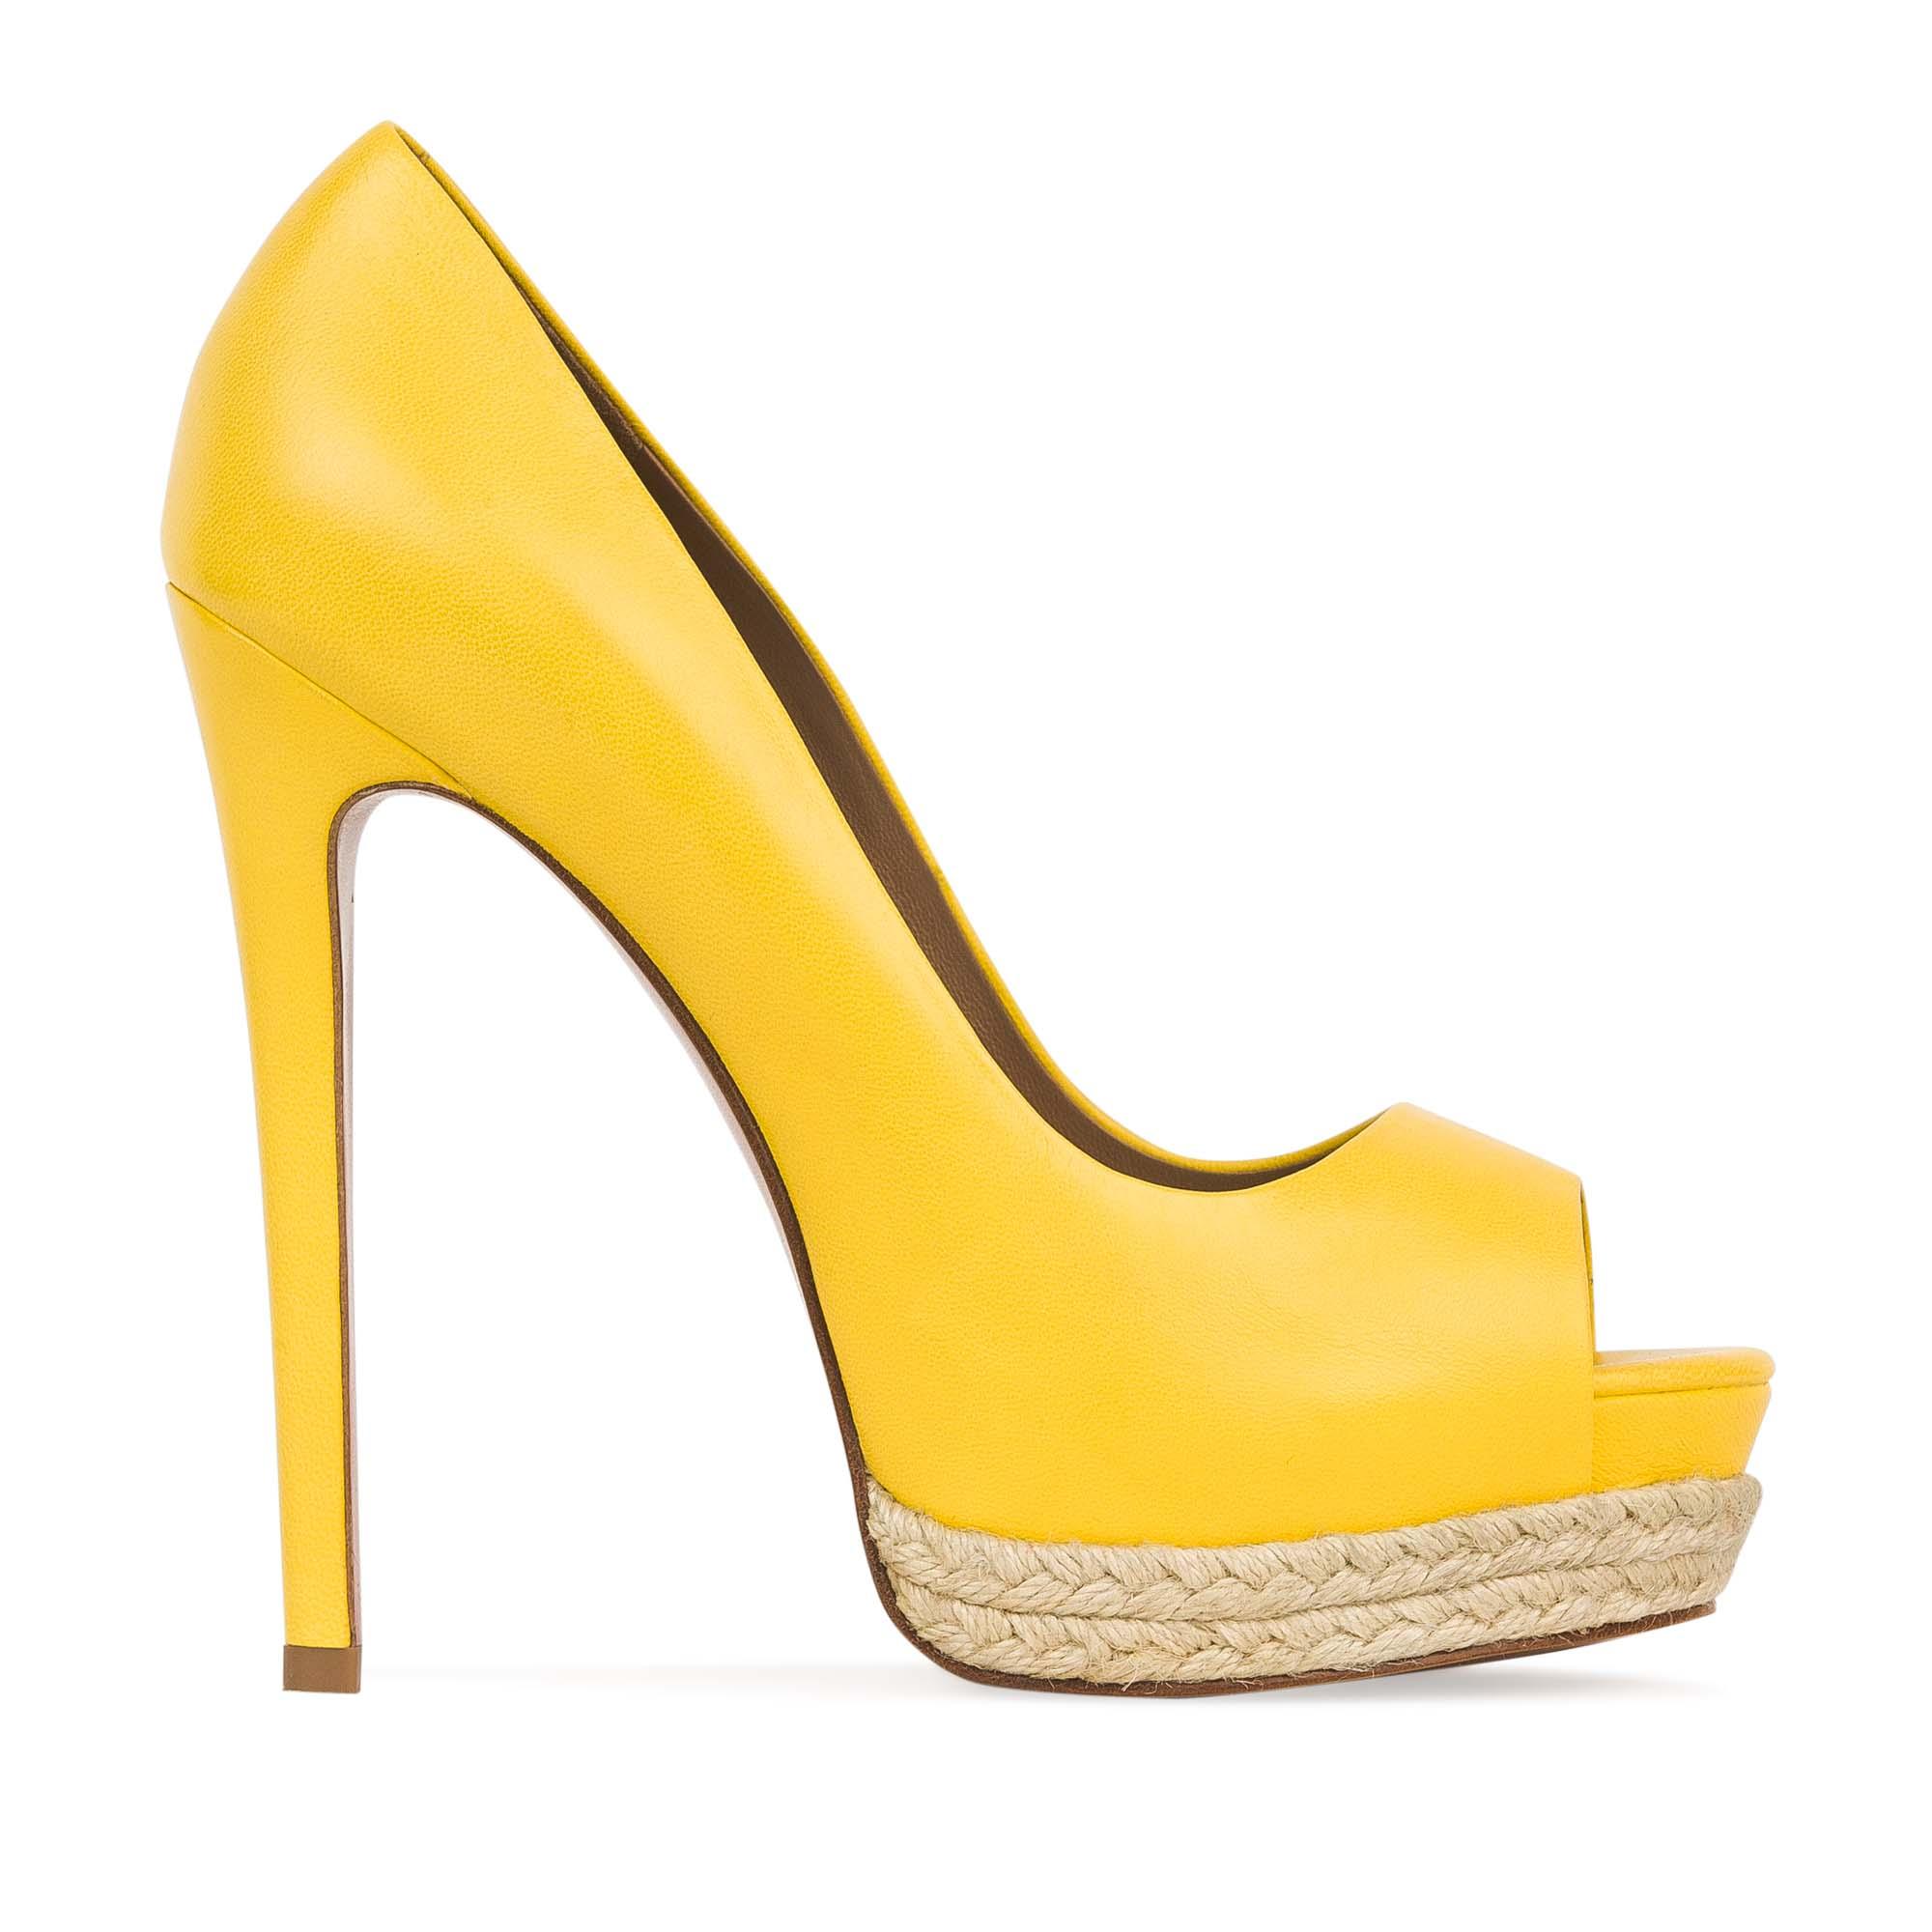 Кожаные туфли канареечного цвета на джутовой подошвеТуфли женские<br><br>Материал верха: Кожа<br>Материал подкладки: Кожа<br>Материал подошвы: Кожа<br>Цвет: Желтый<br>Высота каблука: 13 см<br>Дизайн: Италия<br>Страна производства: Китай<br><br>Высота каблука: 13 см<br>Материал верха: Кожа<br>Материал подошвы: Кожа<br>Материал подкладки: Кожа<br>Цвет: Желтый<br>Пол: Женский<br>Вес кг: 0.58600000<br>Размер: 40